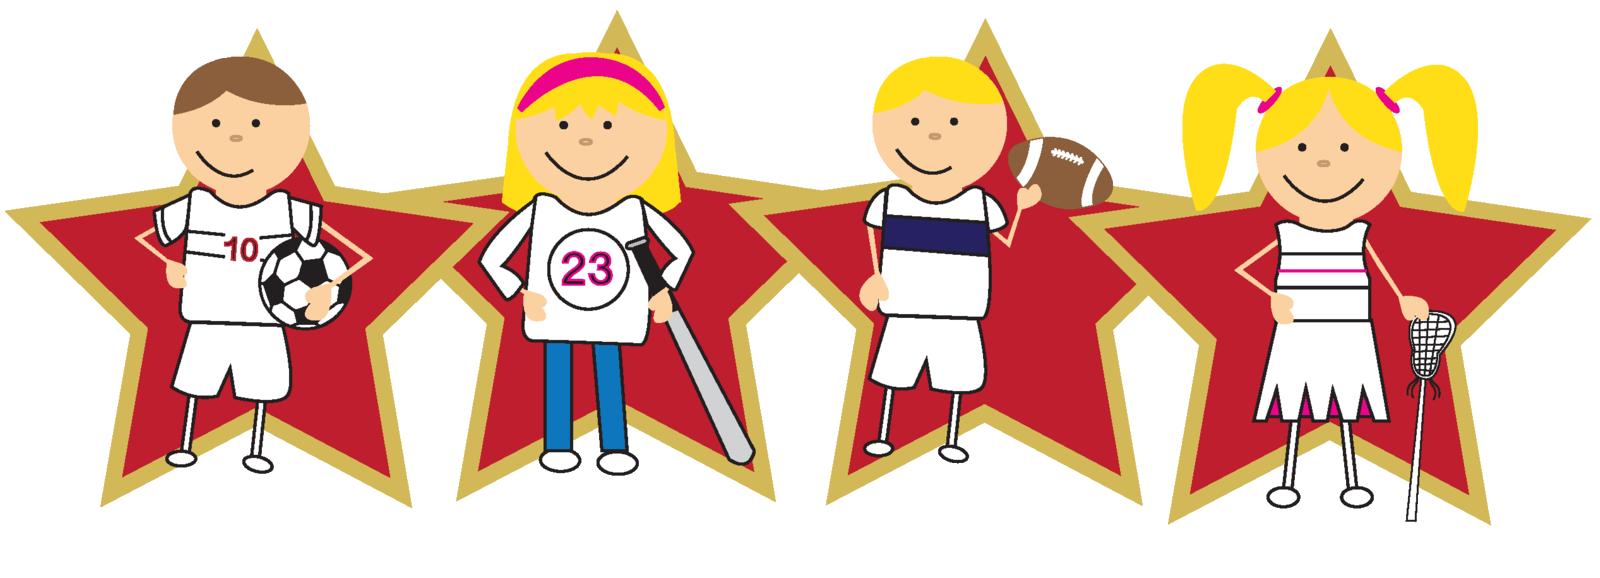 Kids Sport Transparent Background PNG, SVG Clip art for ...